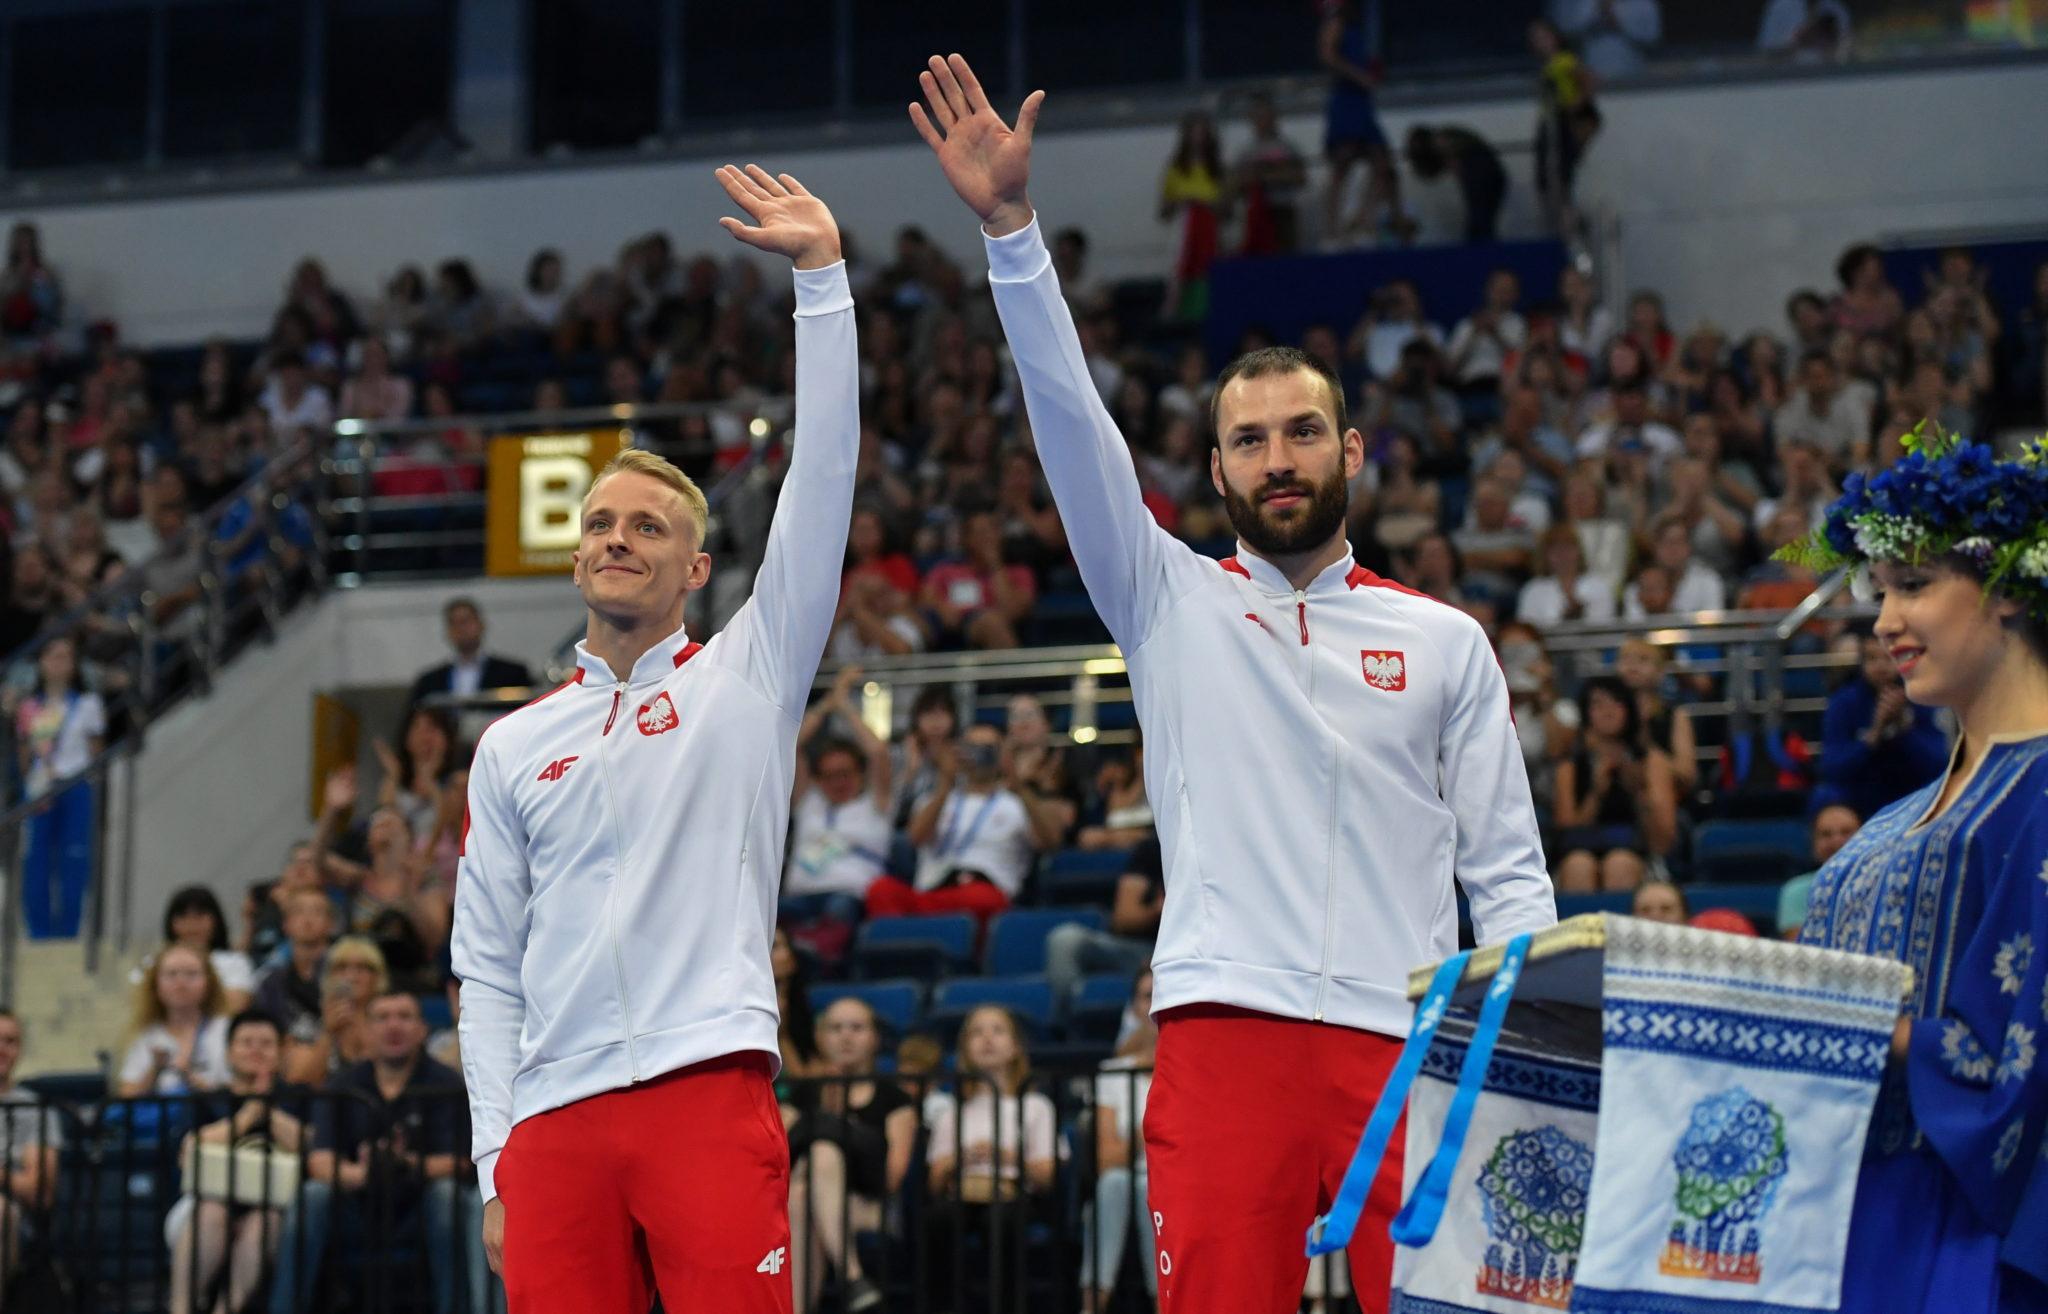 Polacy Łukasz Jaworski i Artur Zakrzewski, fot. Piotr Nowak, PAP